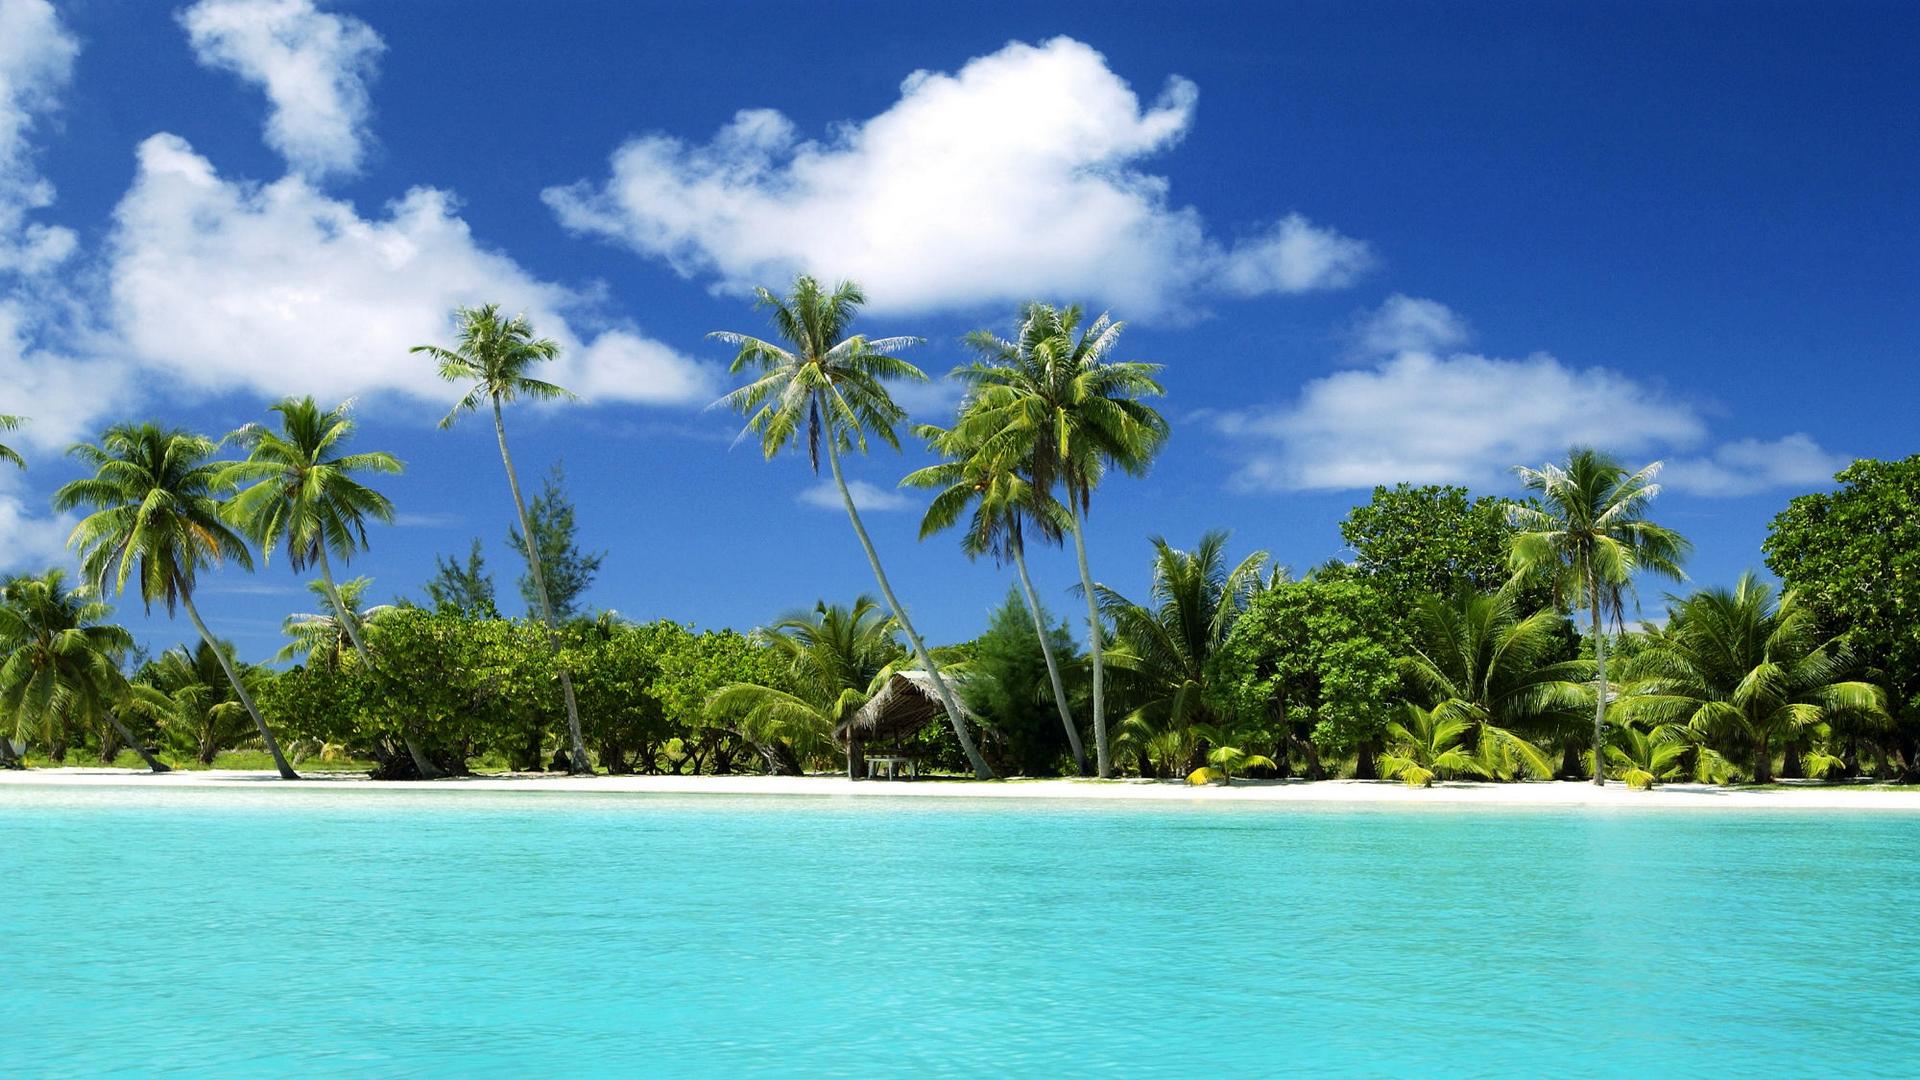 Tropical Beach Wallpaper 2 | HD Wallpapers Desktop